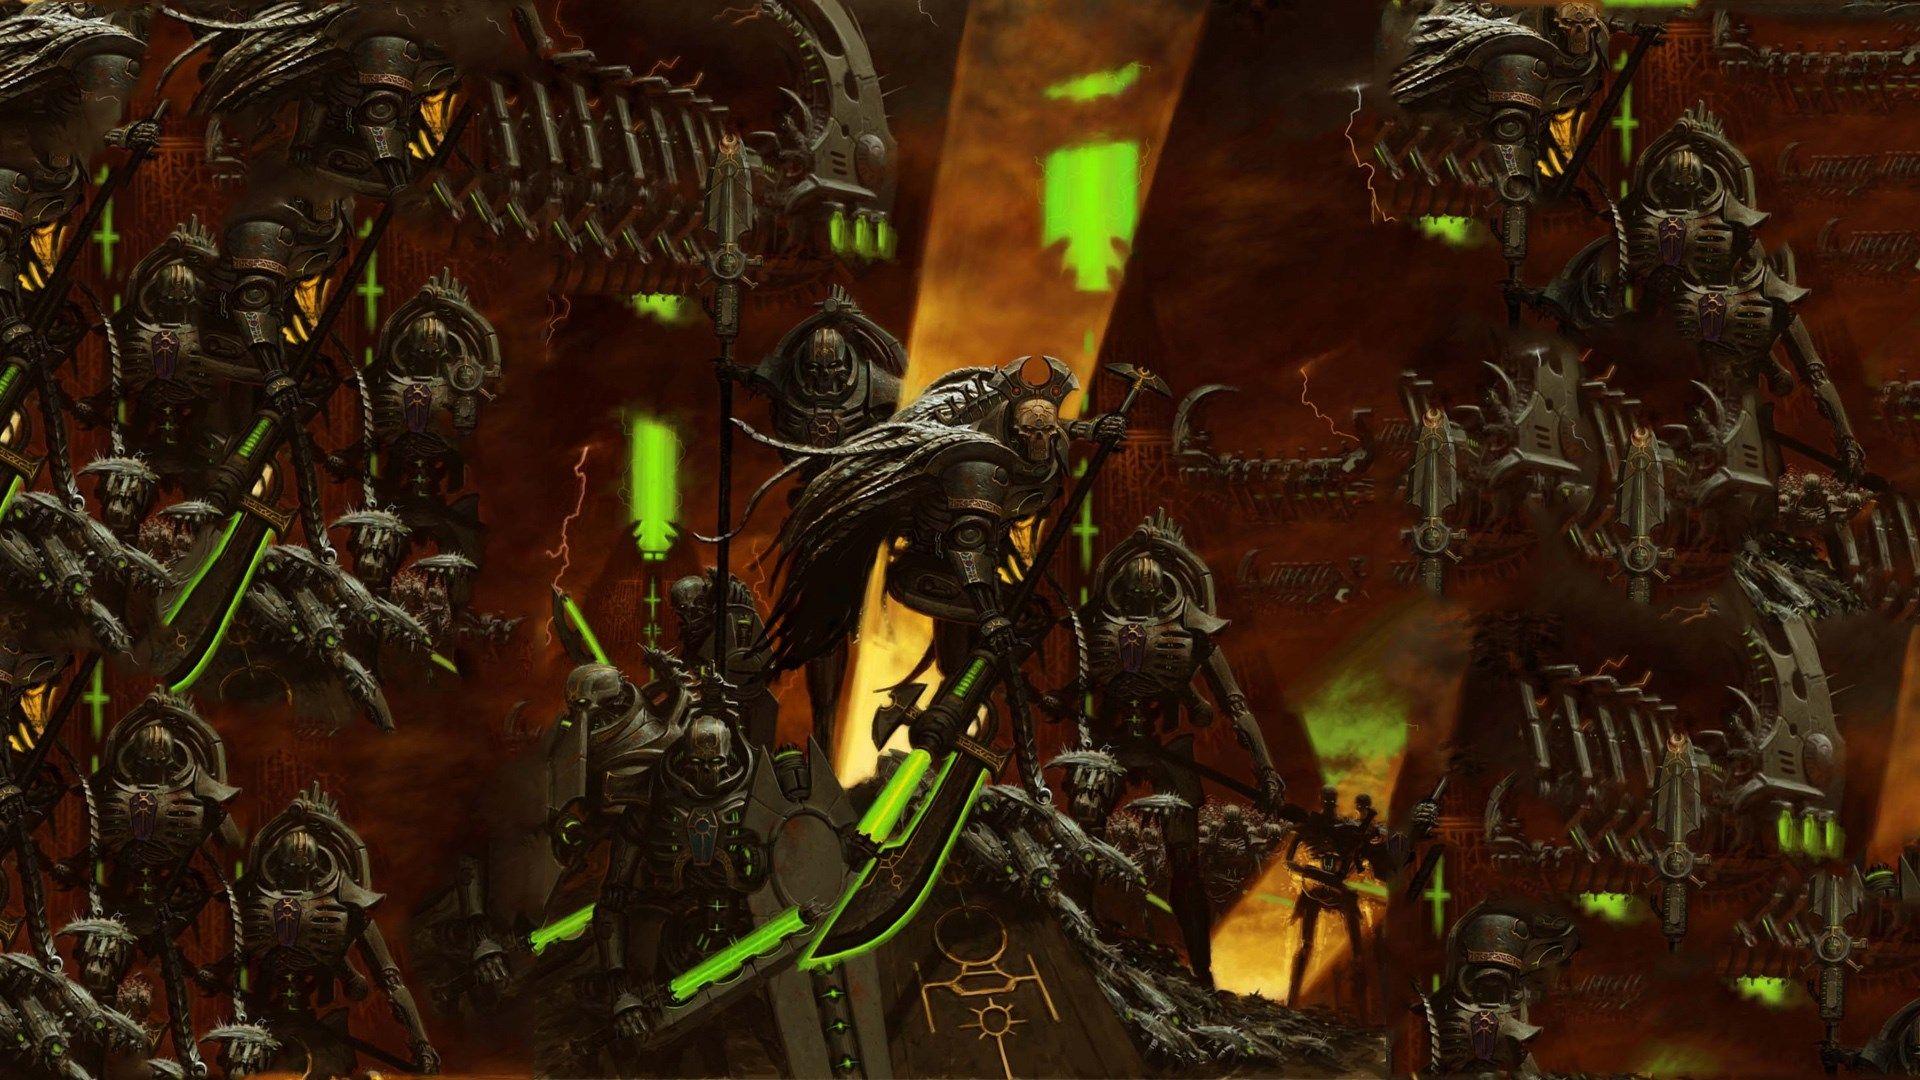 Warhammer Desktop 1920x1080 Warhammer Necron Warhammer 40k